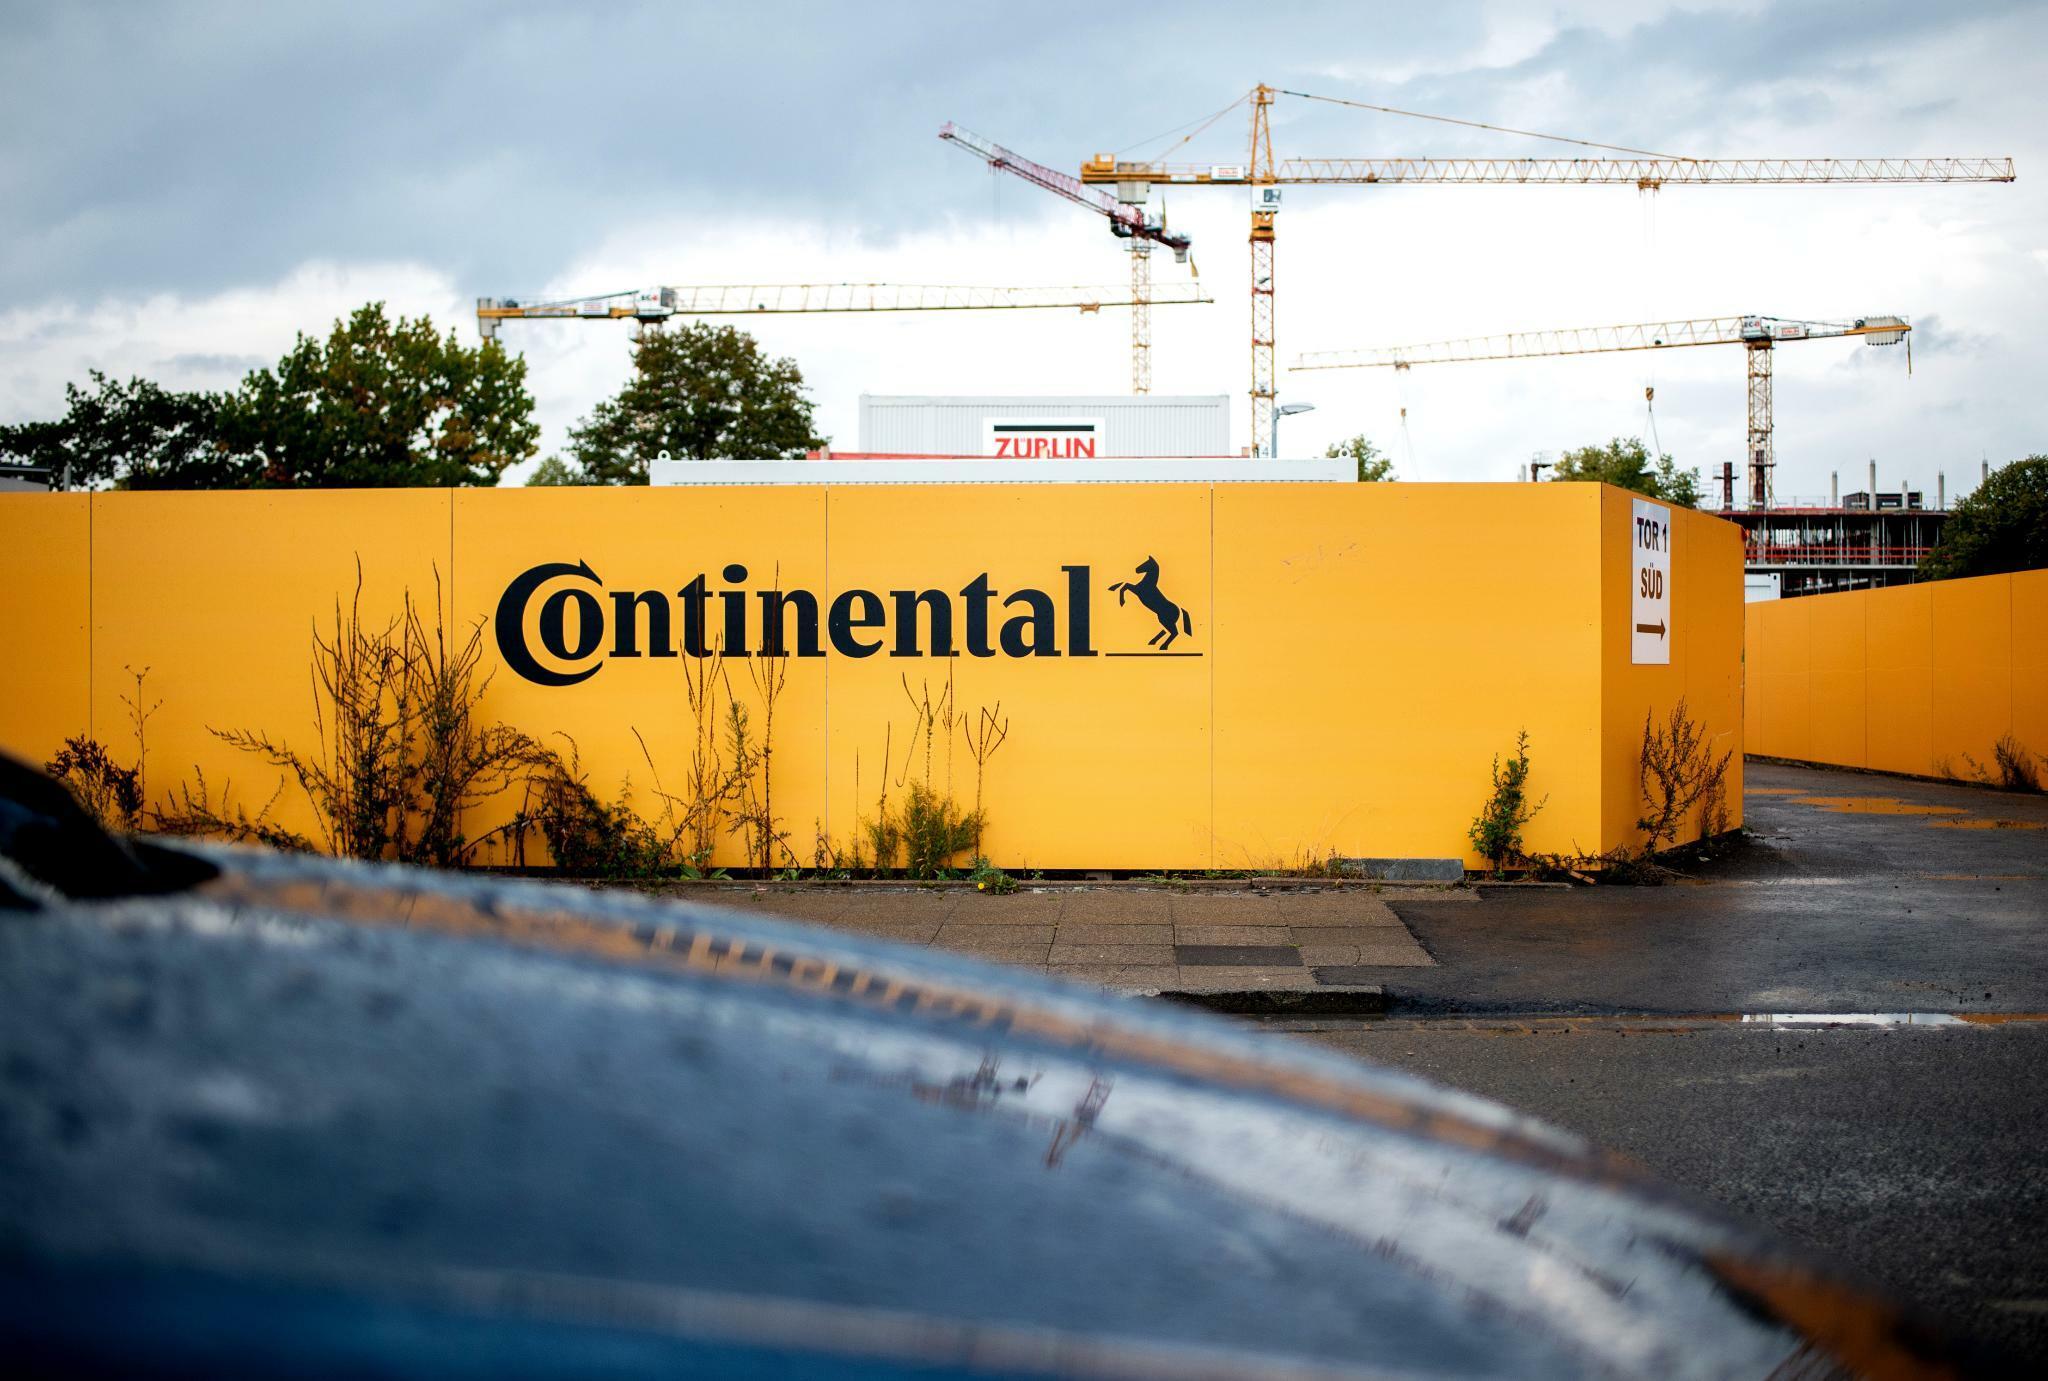 Continental schließt härteres Sparprogramm nicht aus